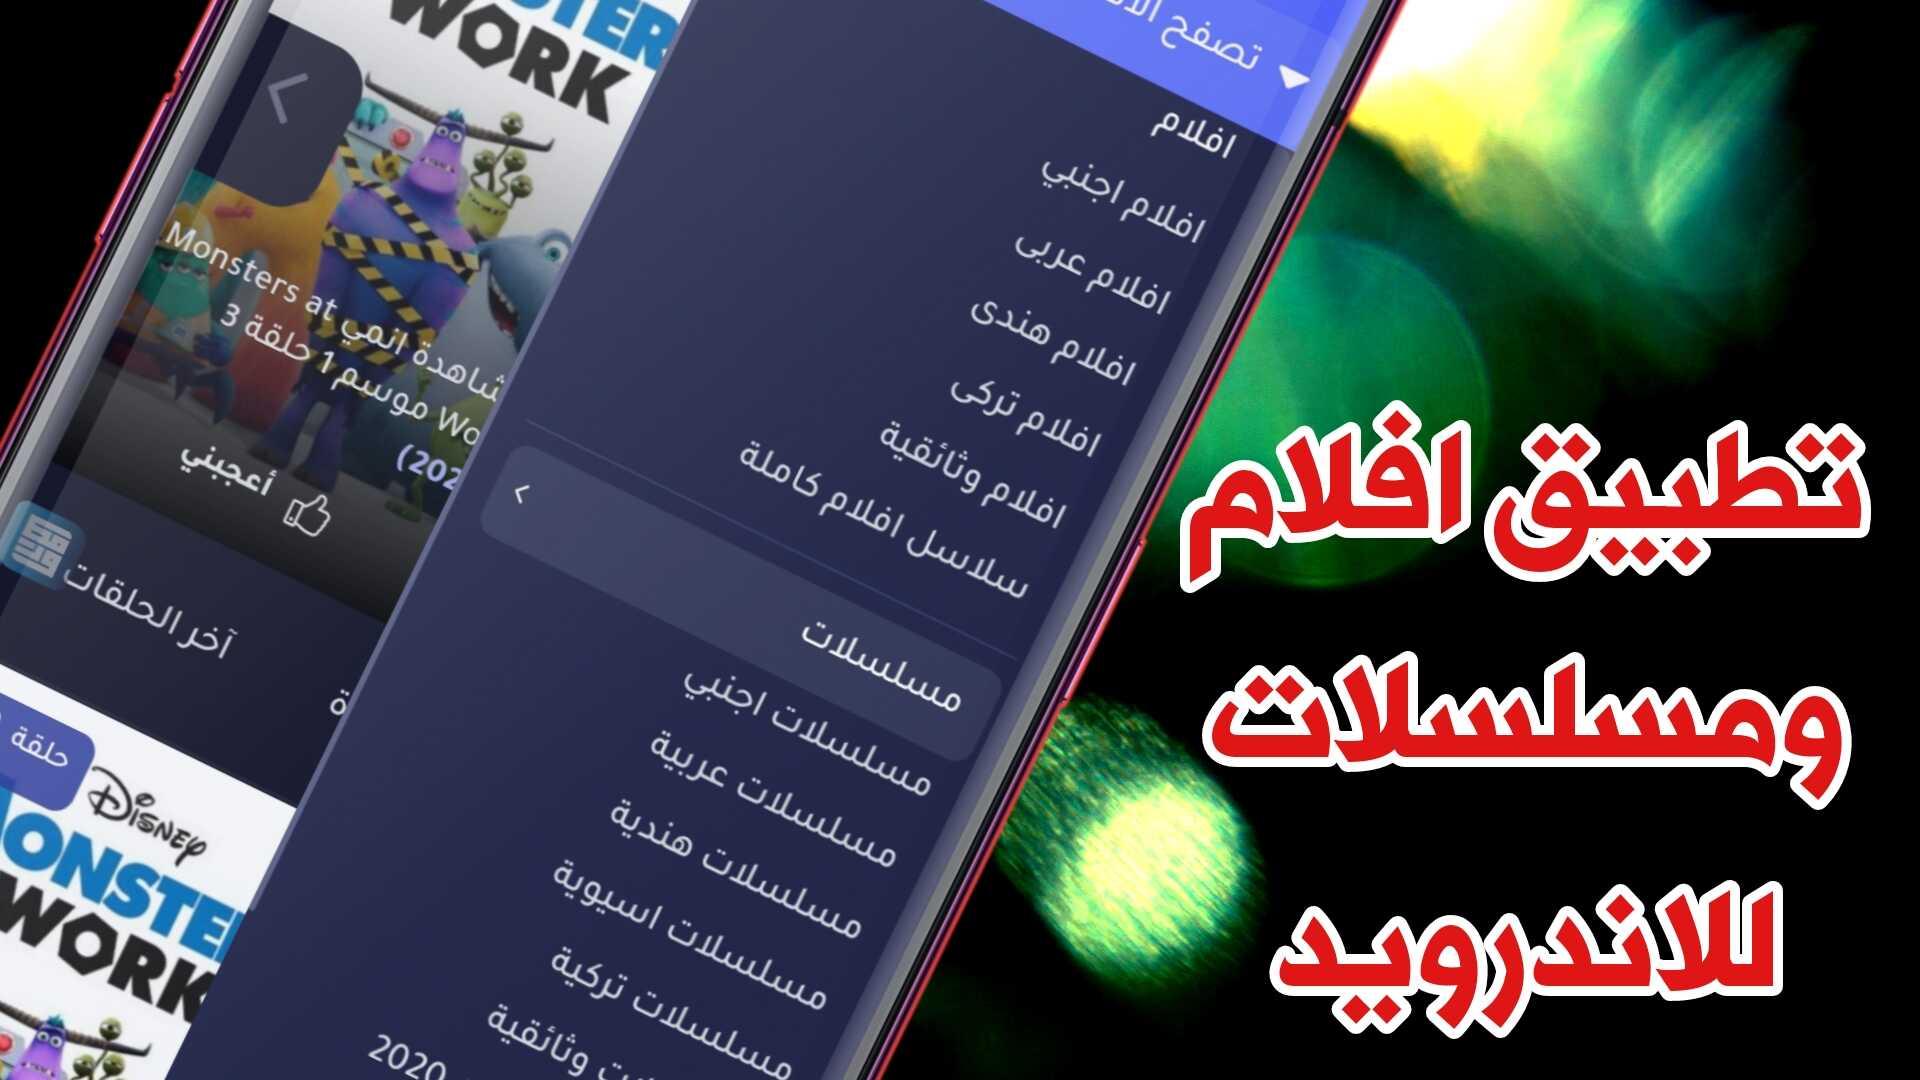 تطبيق افلام ومسلسلات للاندرويد مترجمة الى العربية